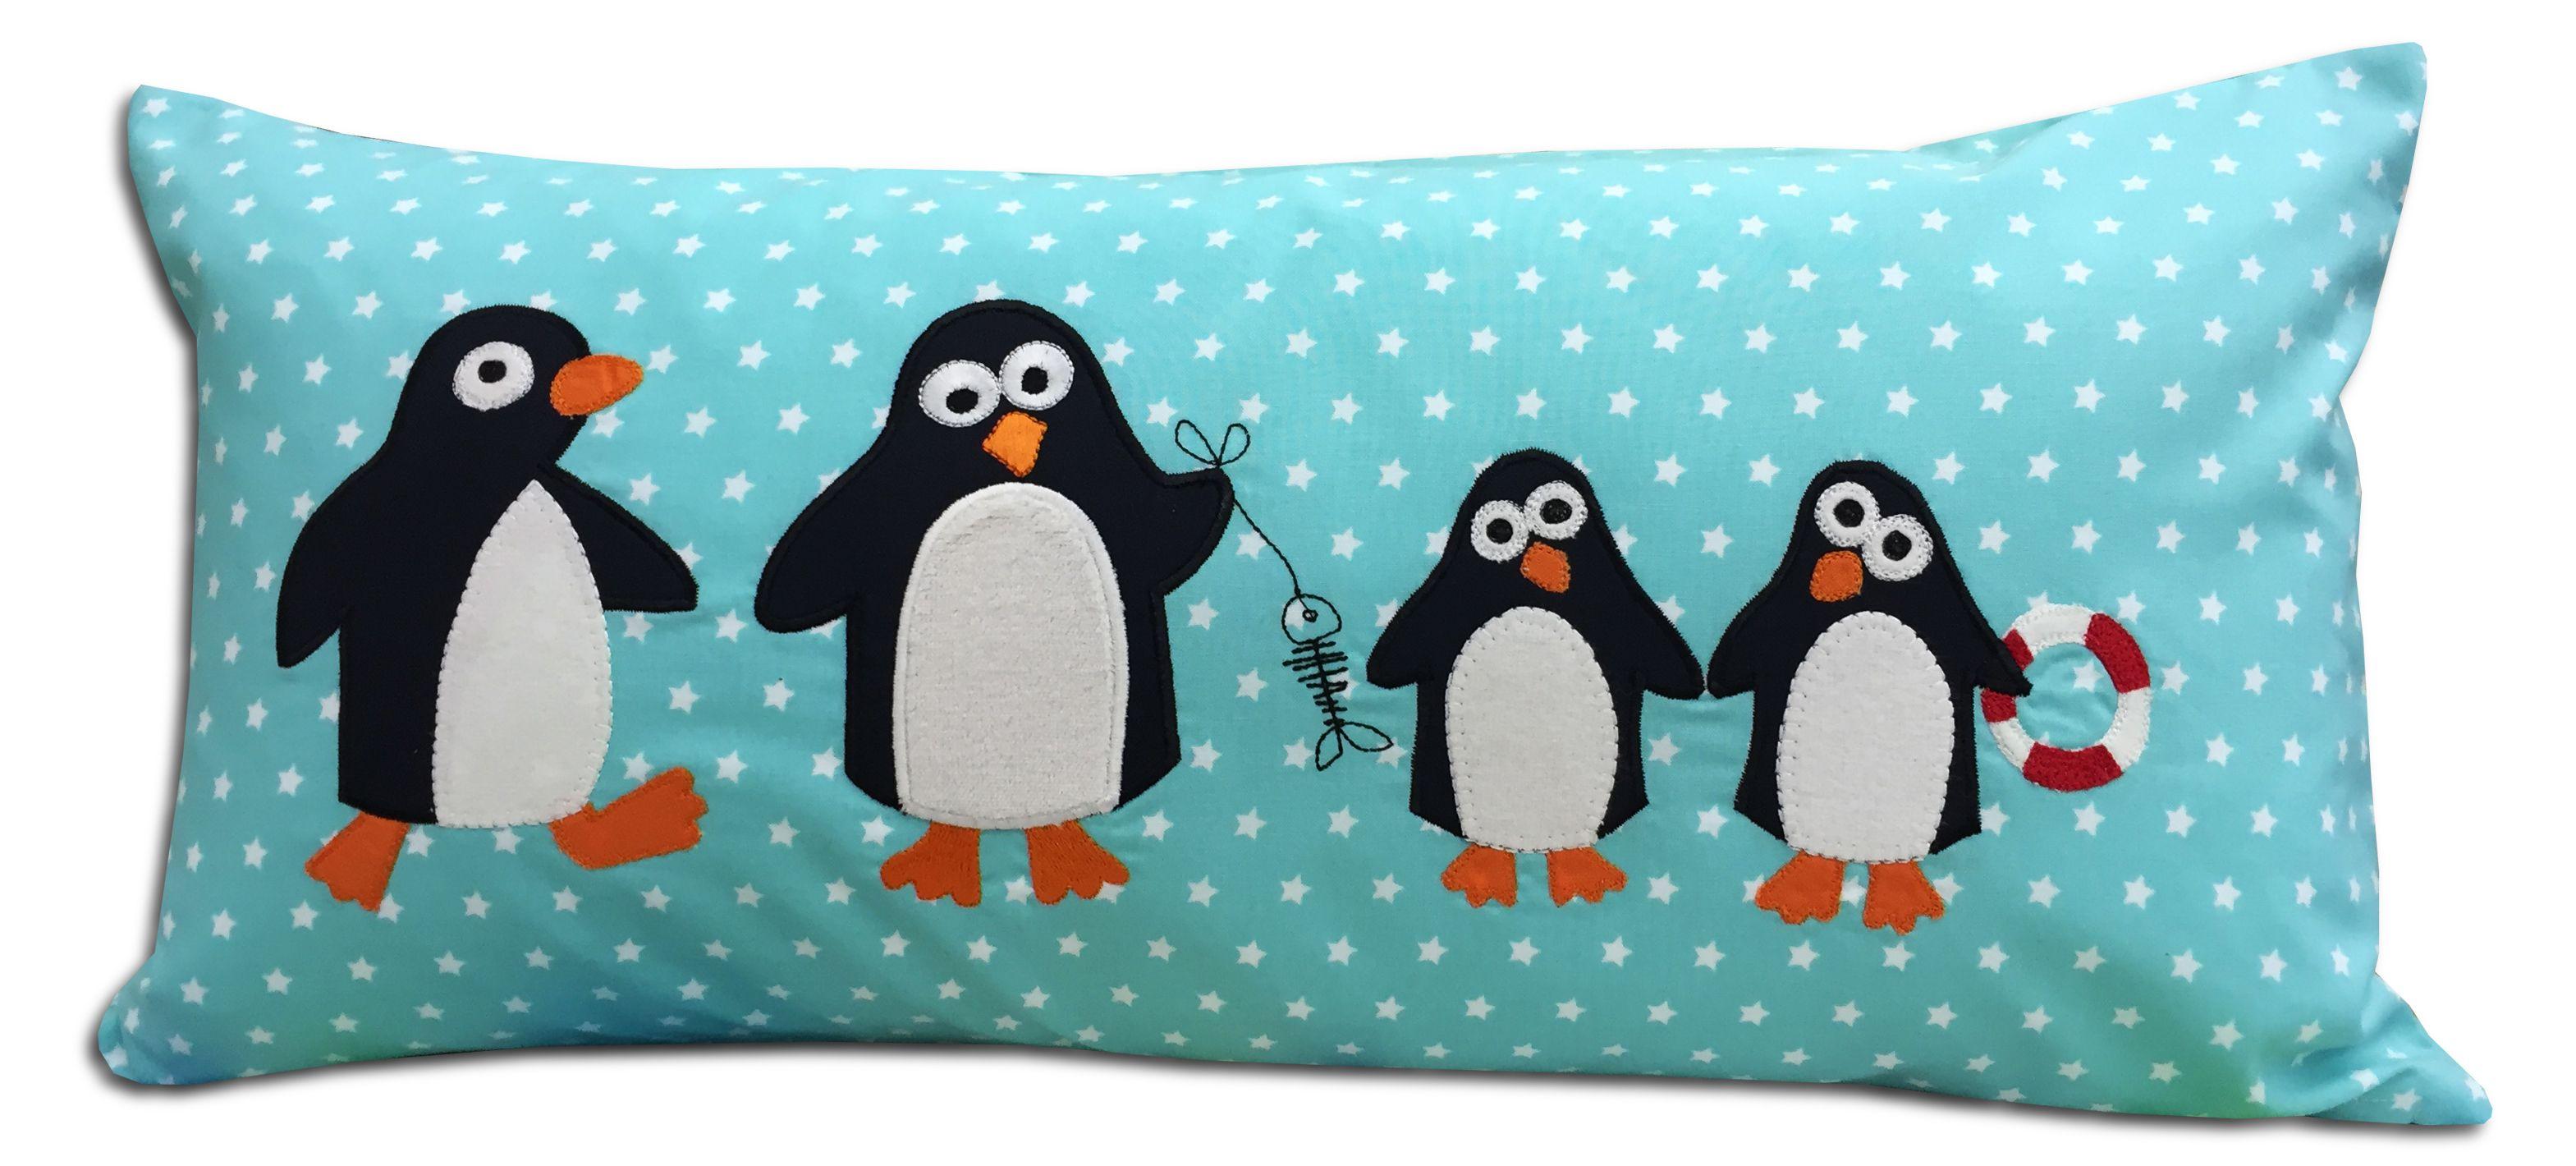 Pinguin-Kissen | nähen | Pinterest | Pinguine, Badeponcho und Kissen